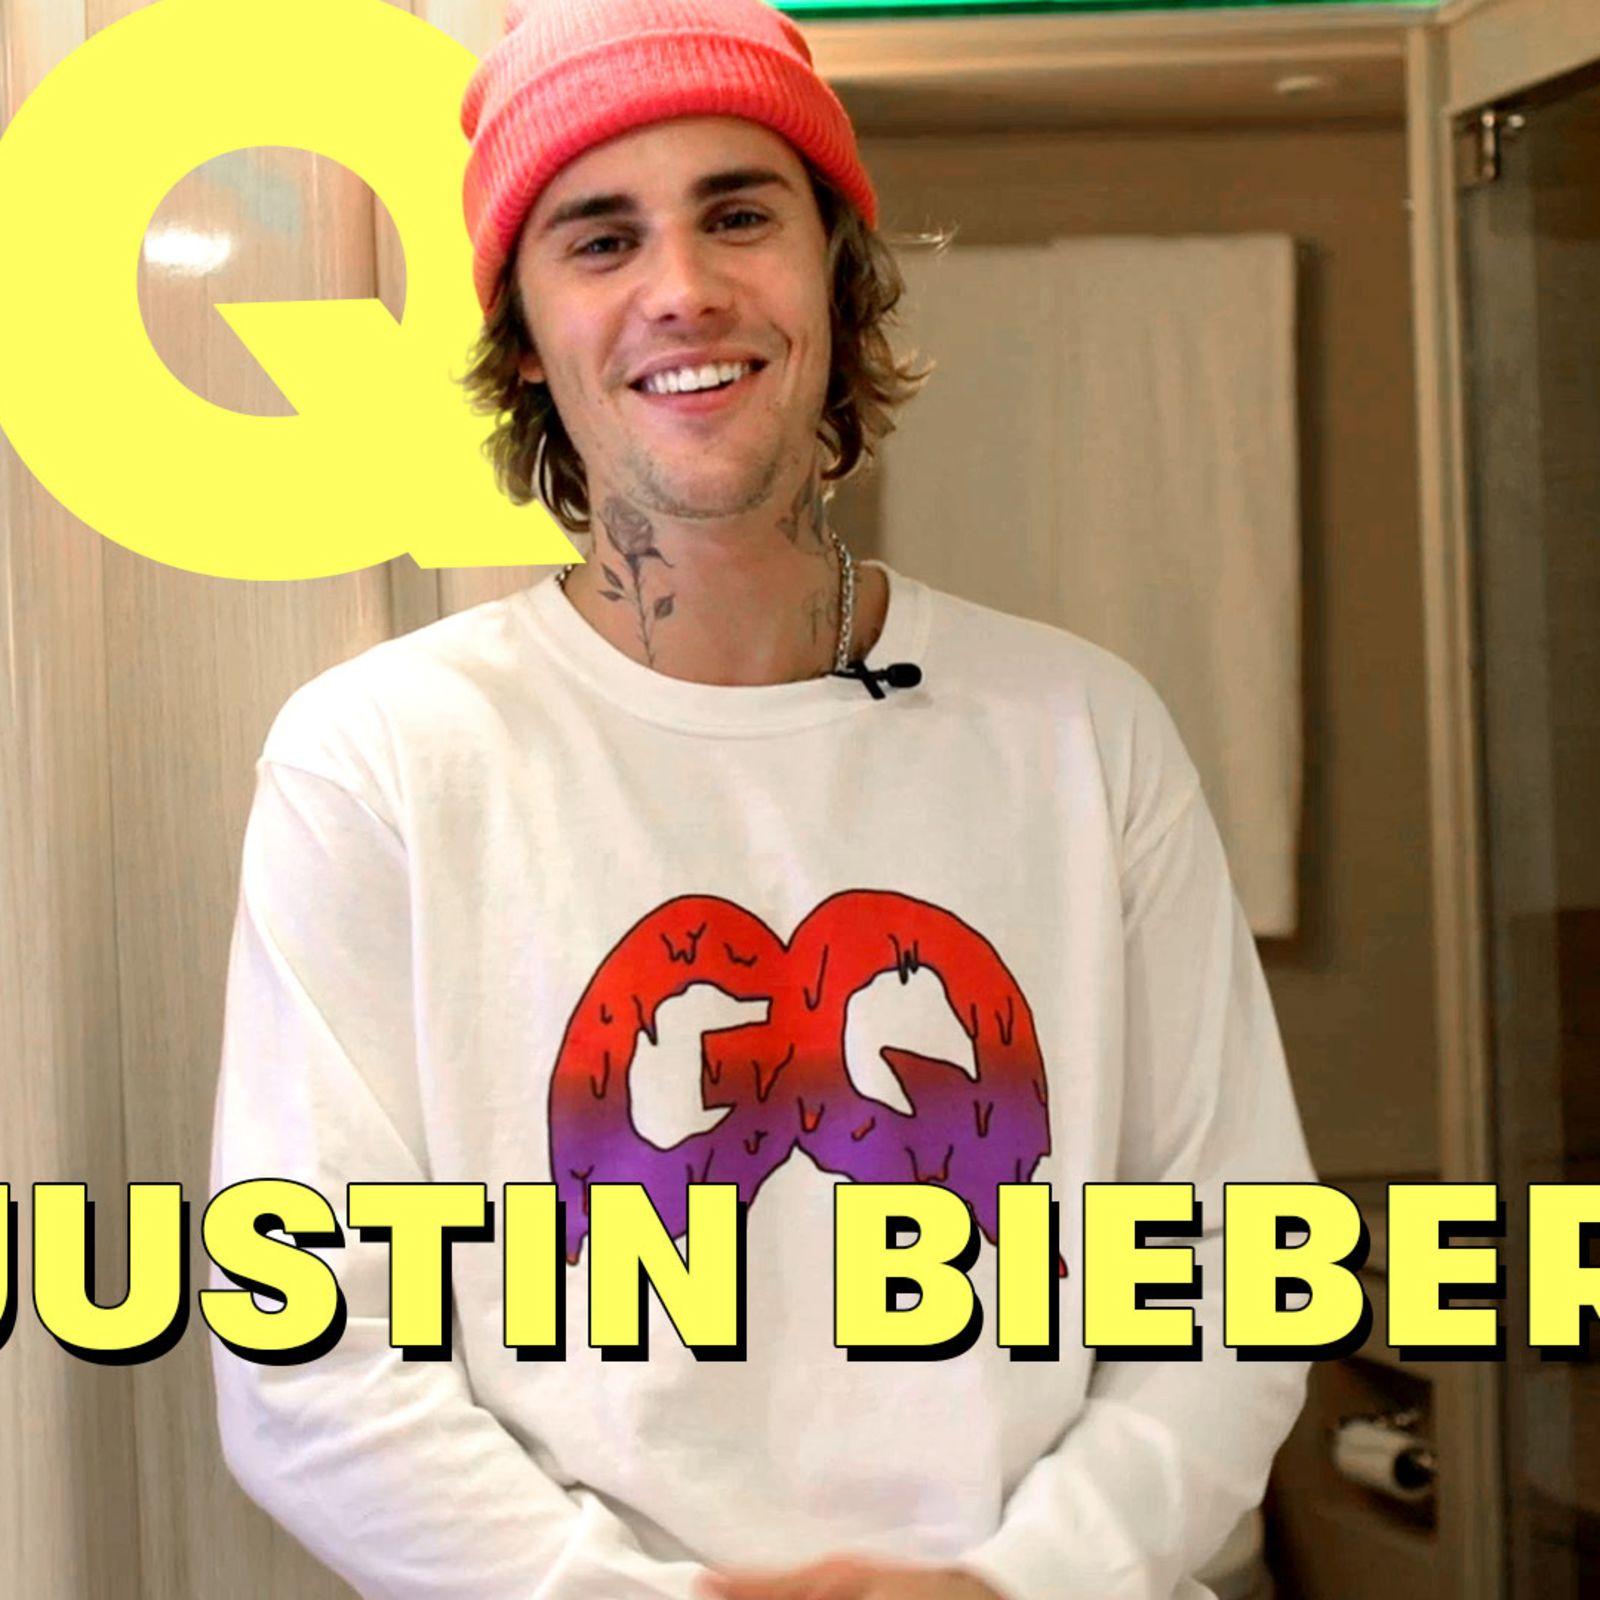 Justin Bieber nous fait visiter son incroyable tour bus : sauna, télé, dressing